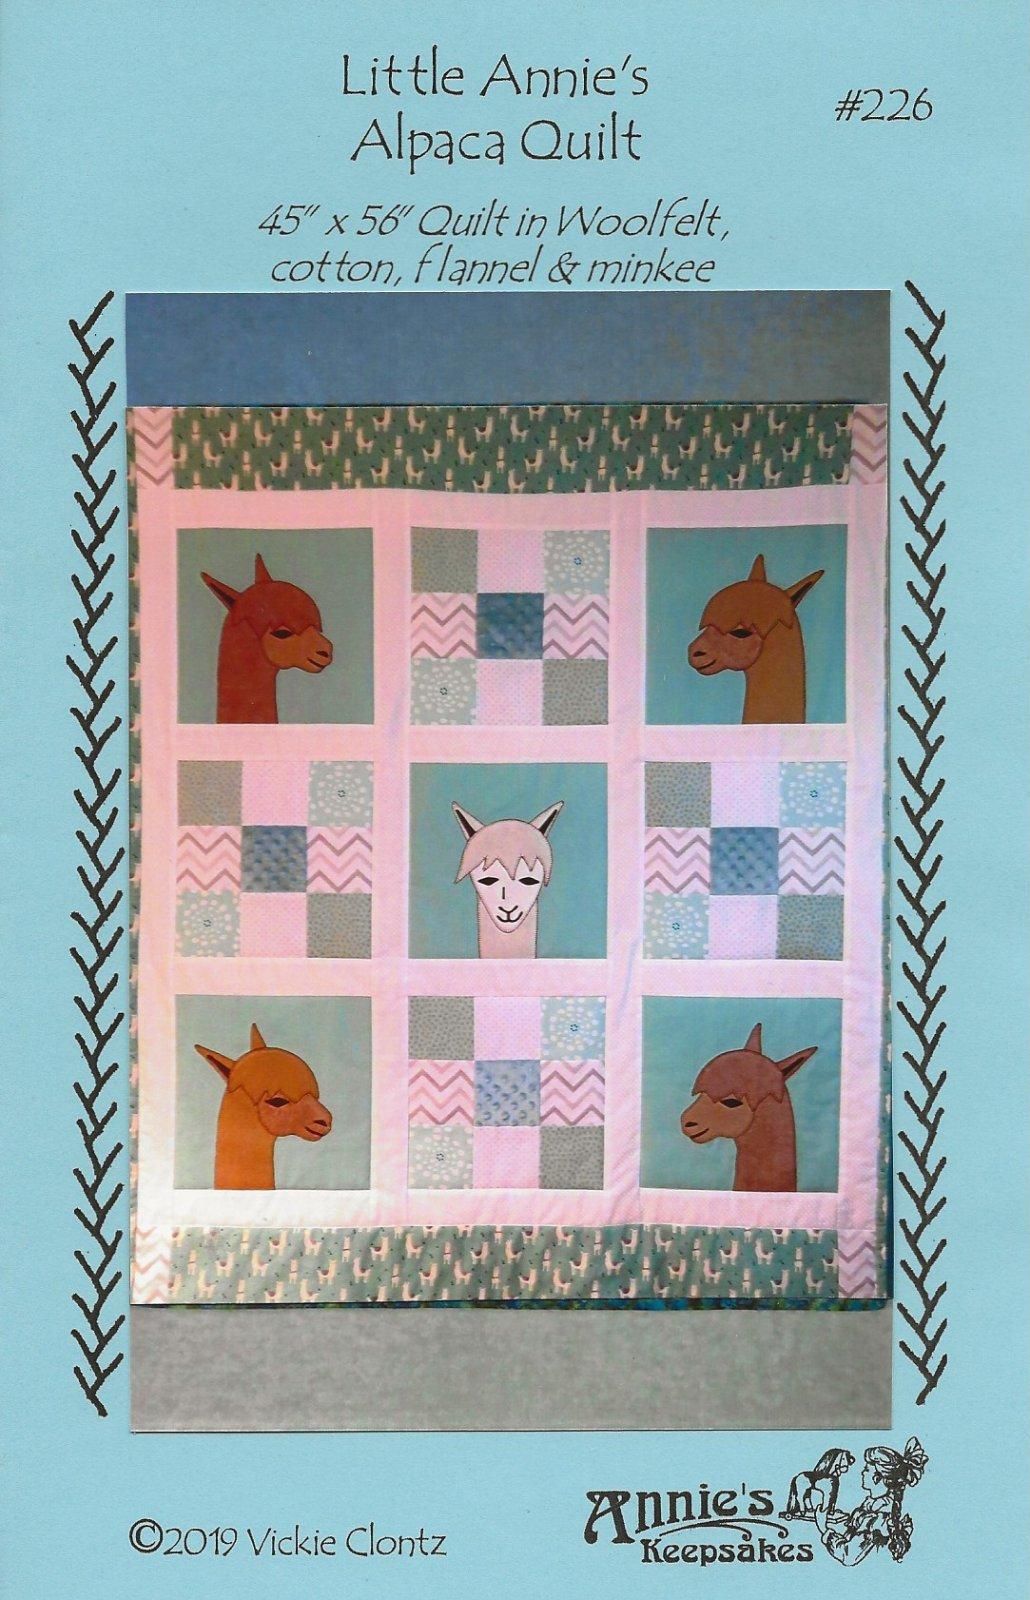 Little Annie's Alpaca Quilt